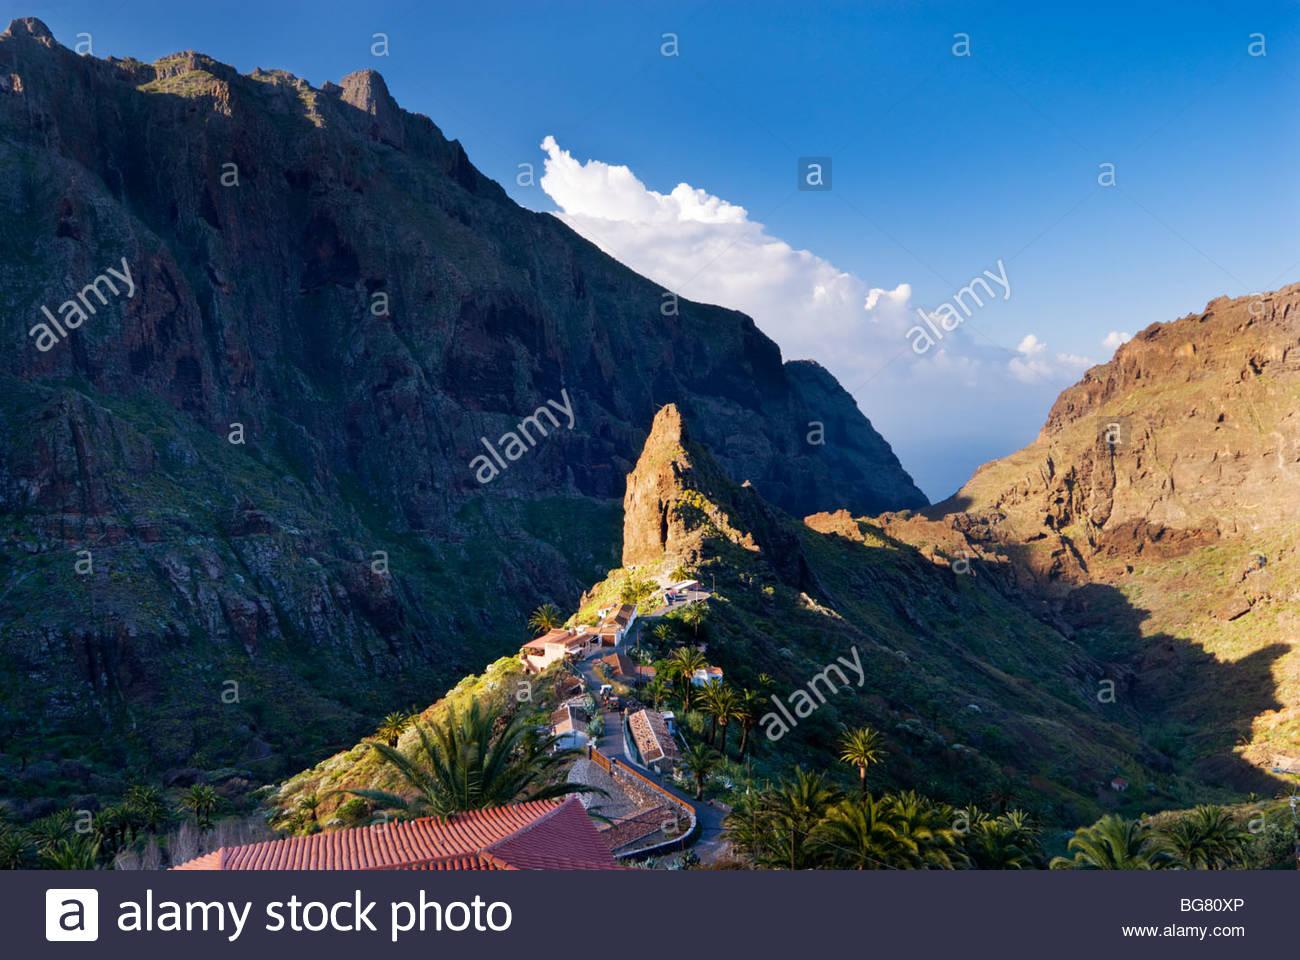 La aldea de Masca, Tenerife, Islas Canarias, España. Imagen De Stock